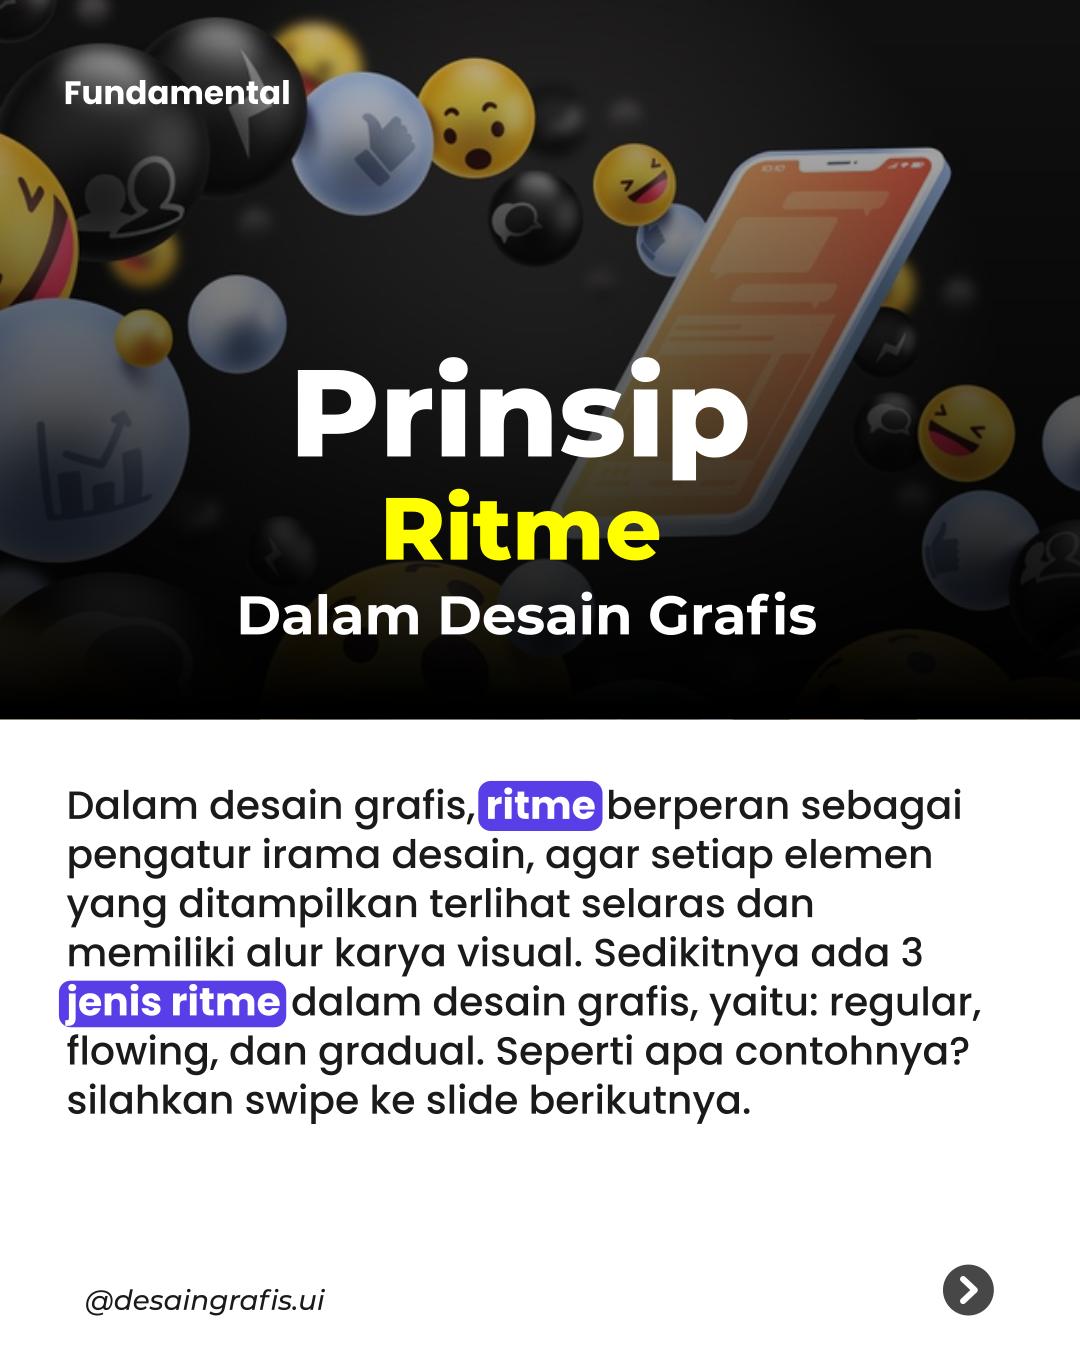 ritme adalah pembuatan atau cipta desain, dengan menerapkan prinsip yang menyatukan irama